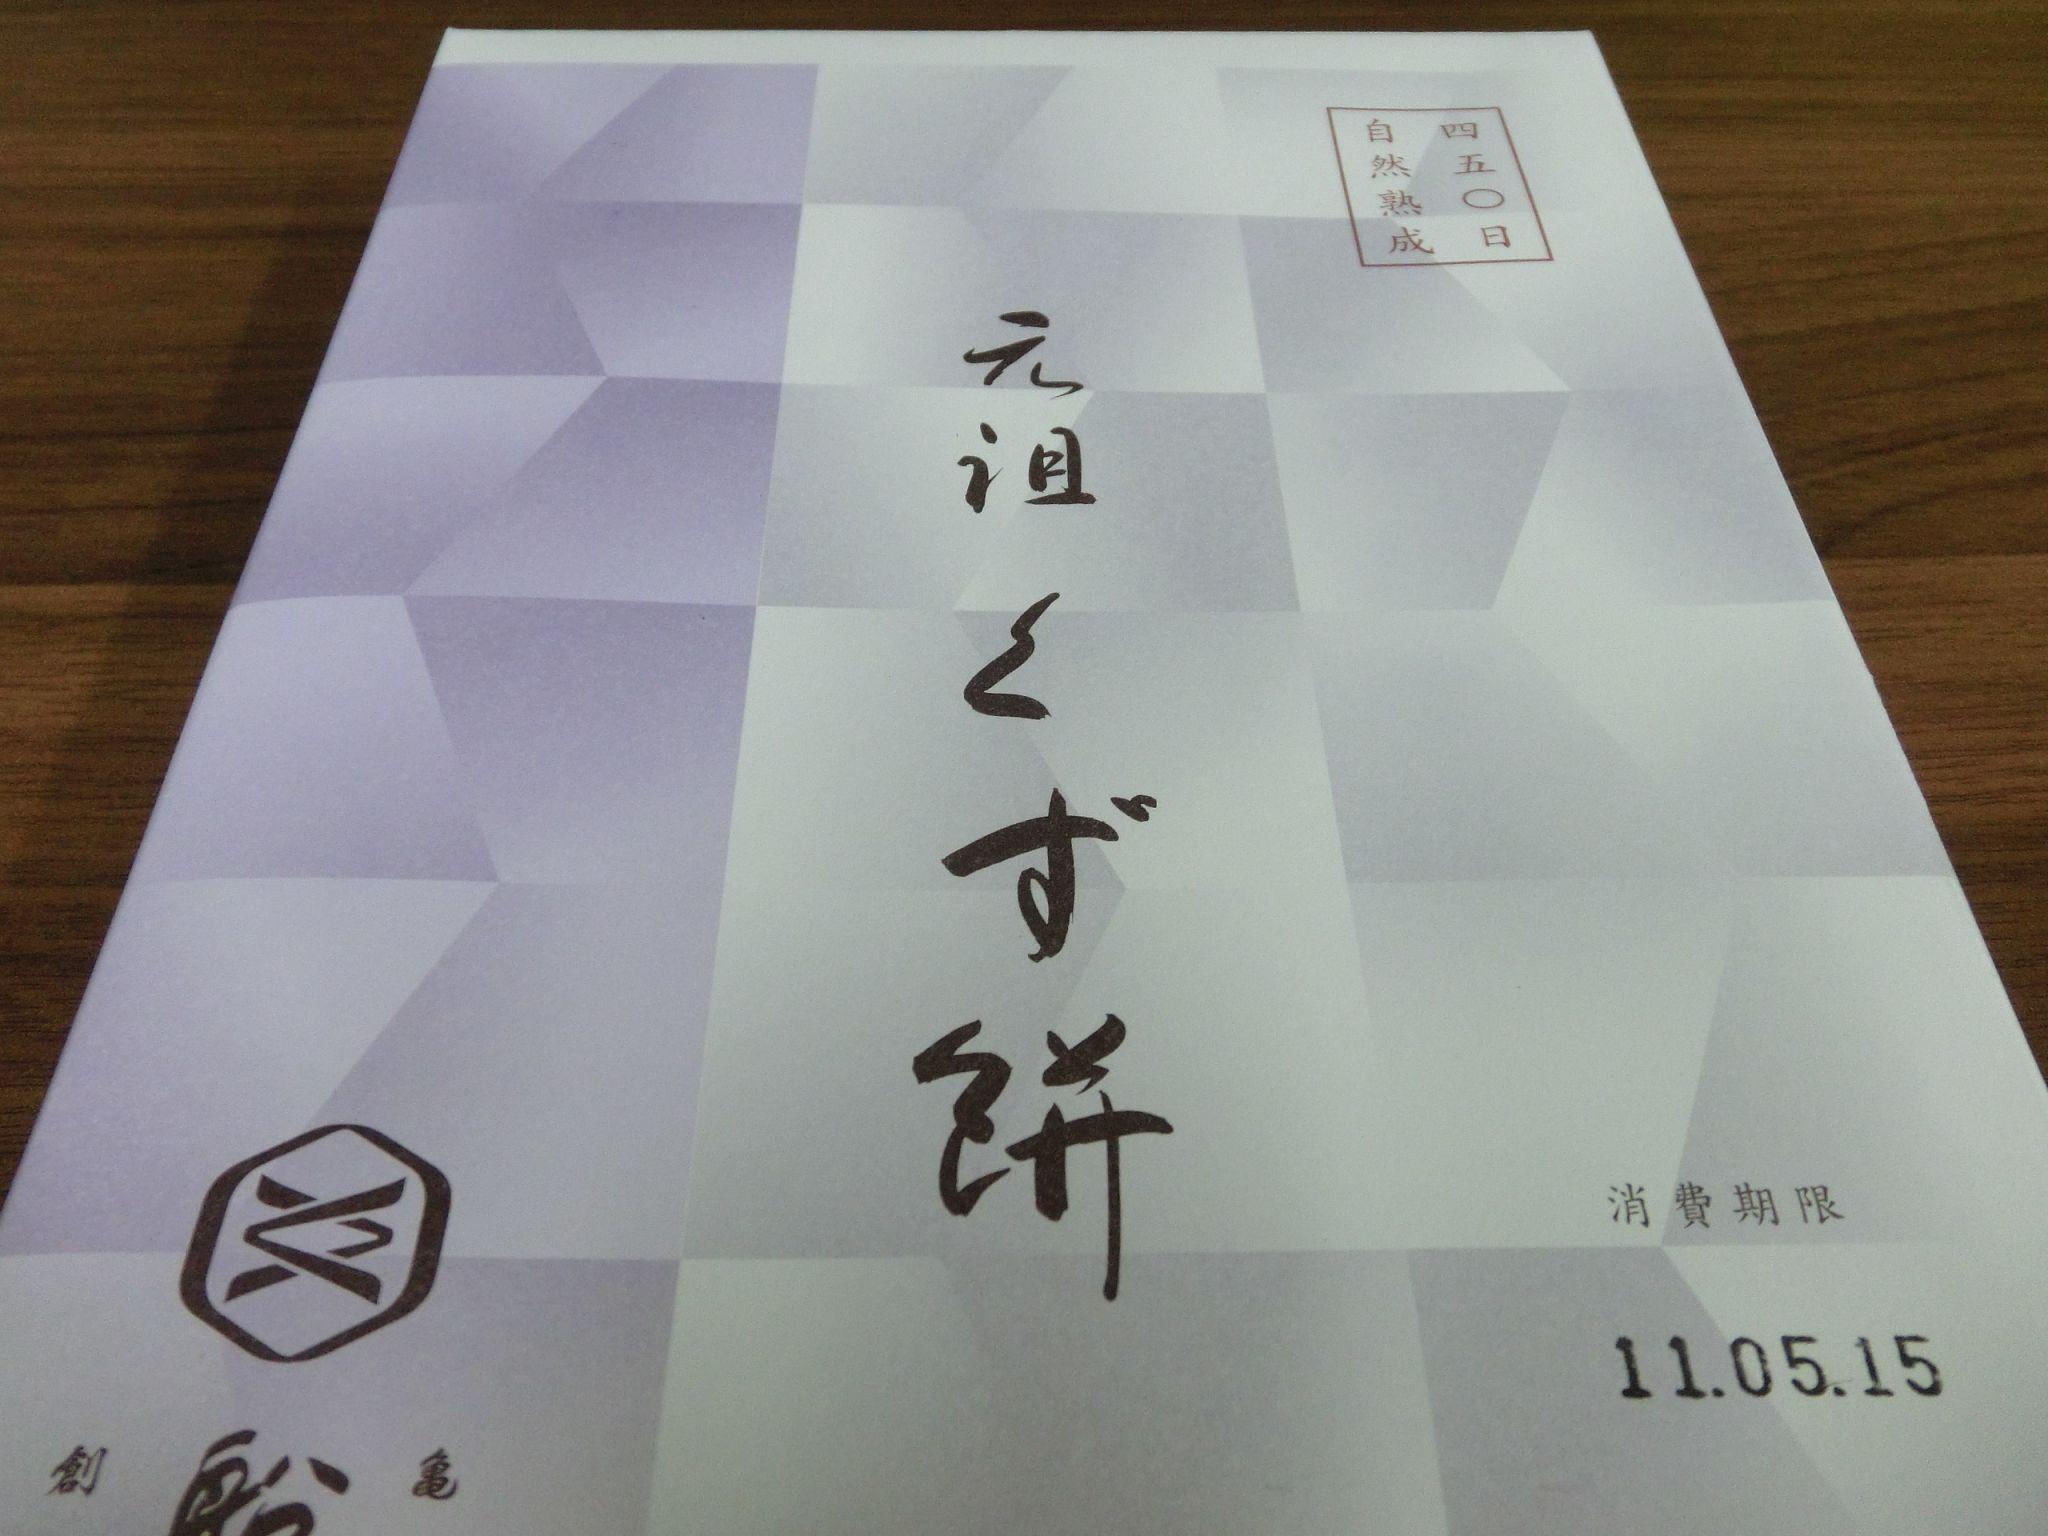 西牟田さまありがとうございます